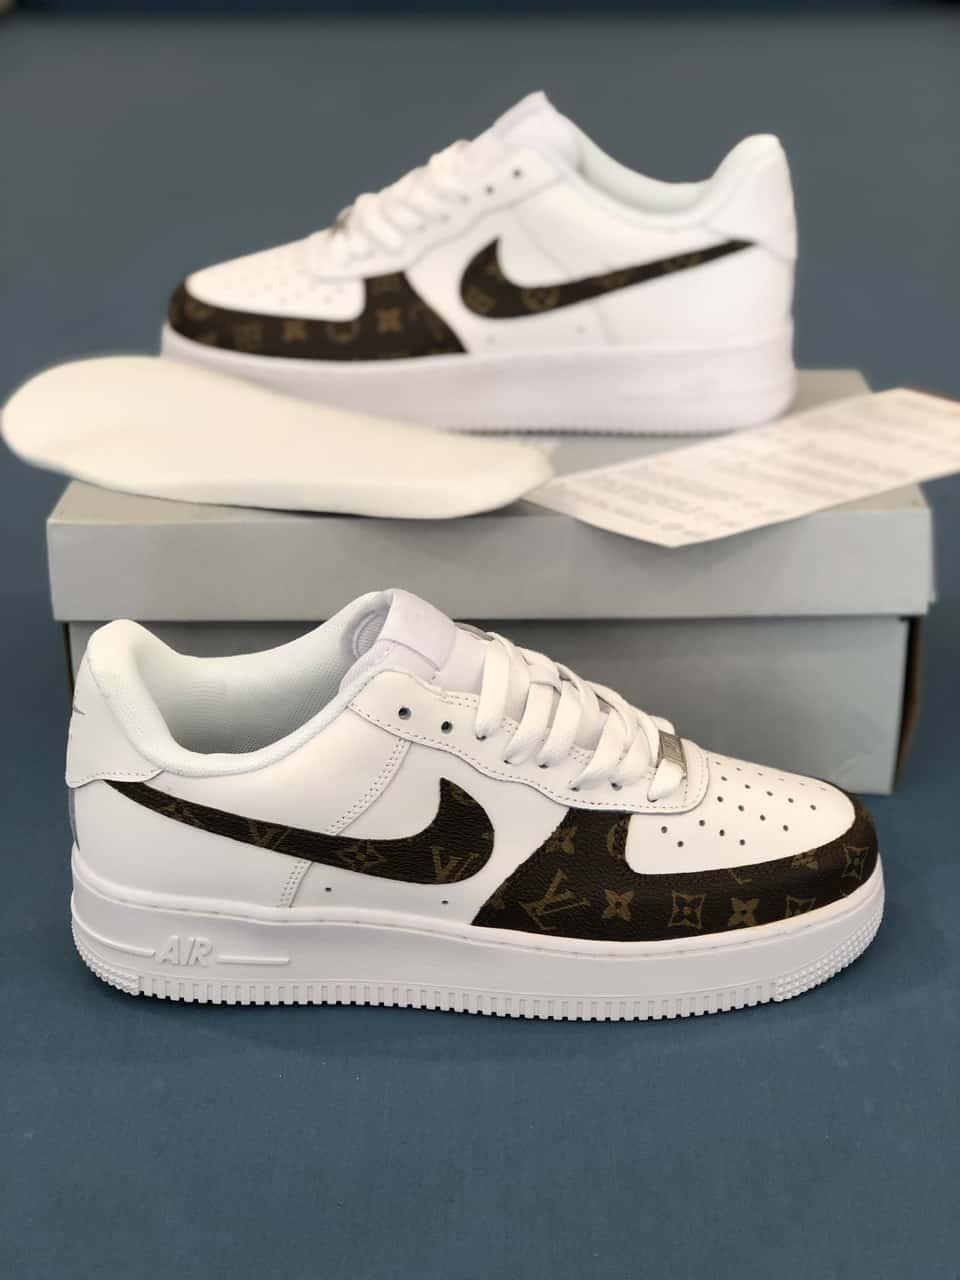 Giày Nike Air Force 1 X Louis Vuitton